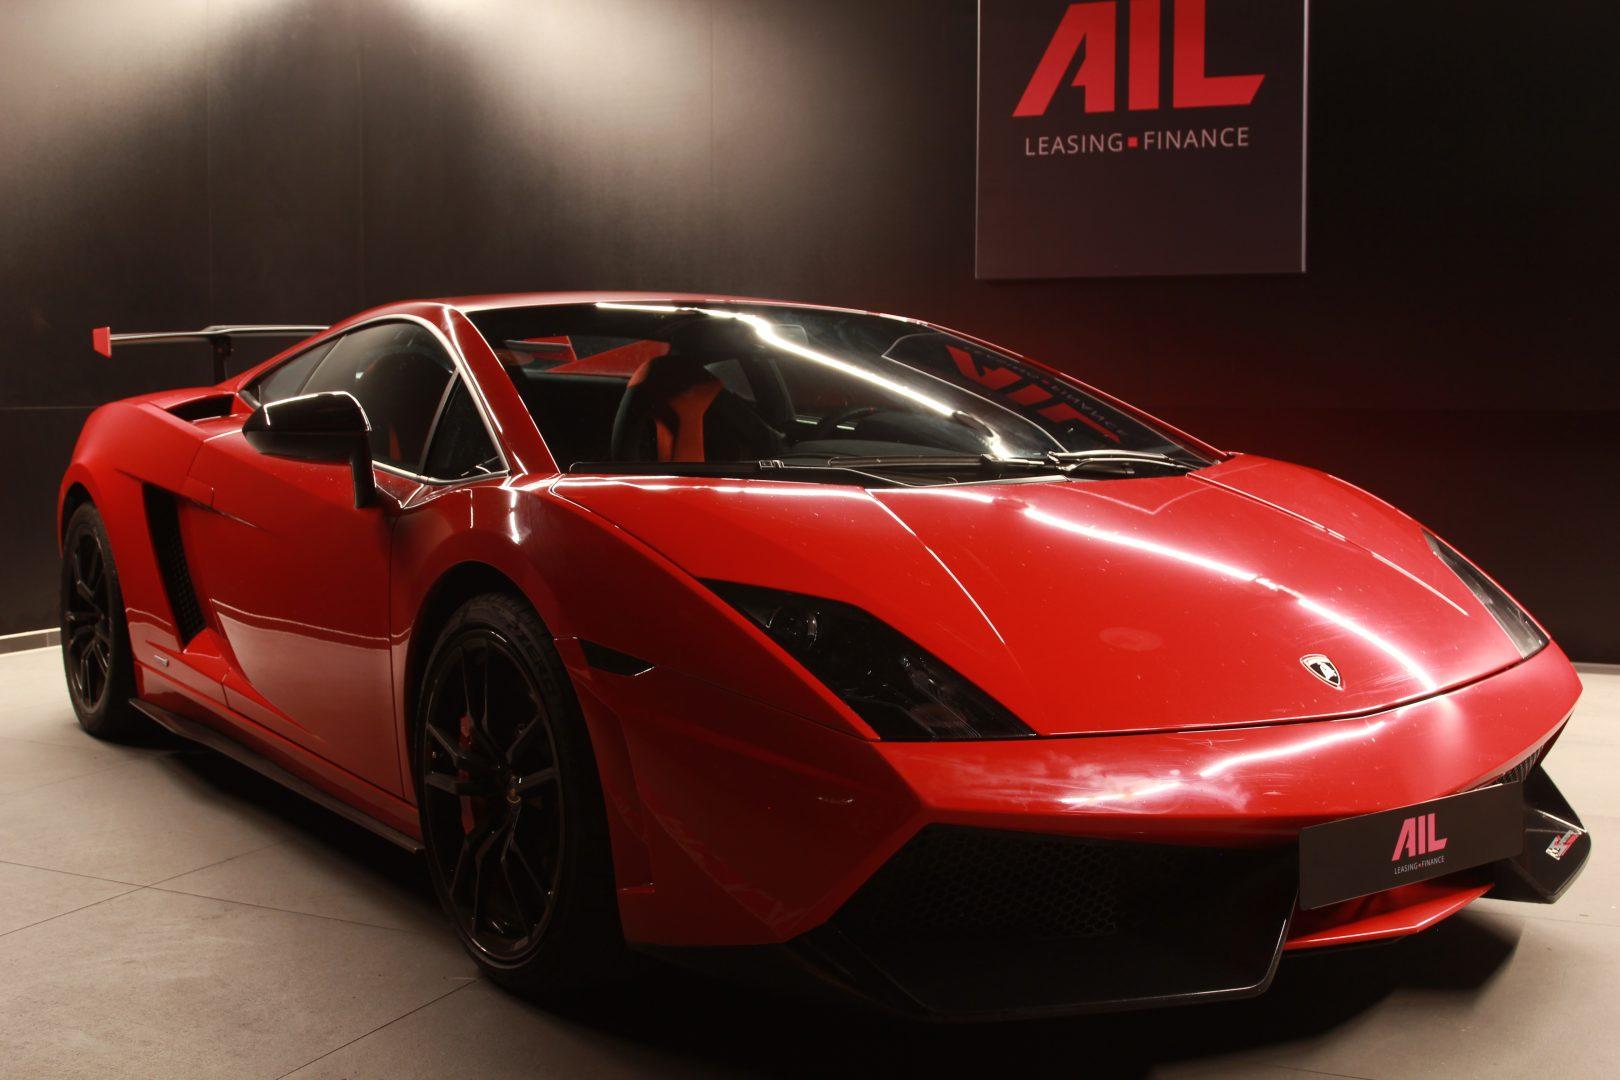 AIL Lamborghini Gallardo LP570-4 Super Trofeo 4